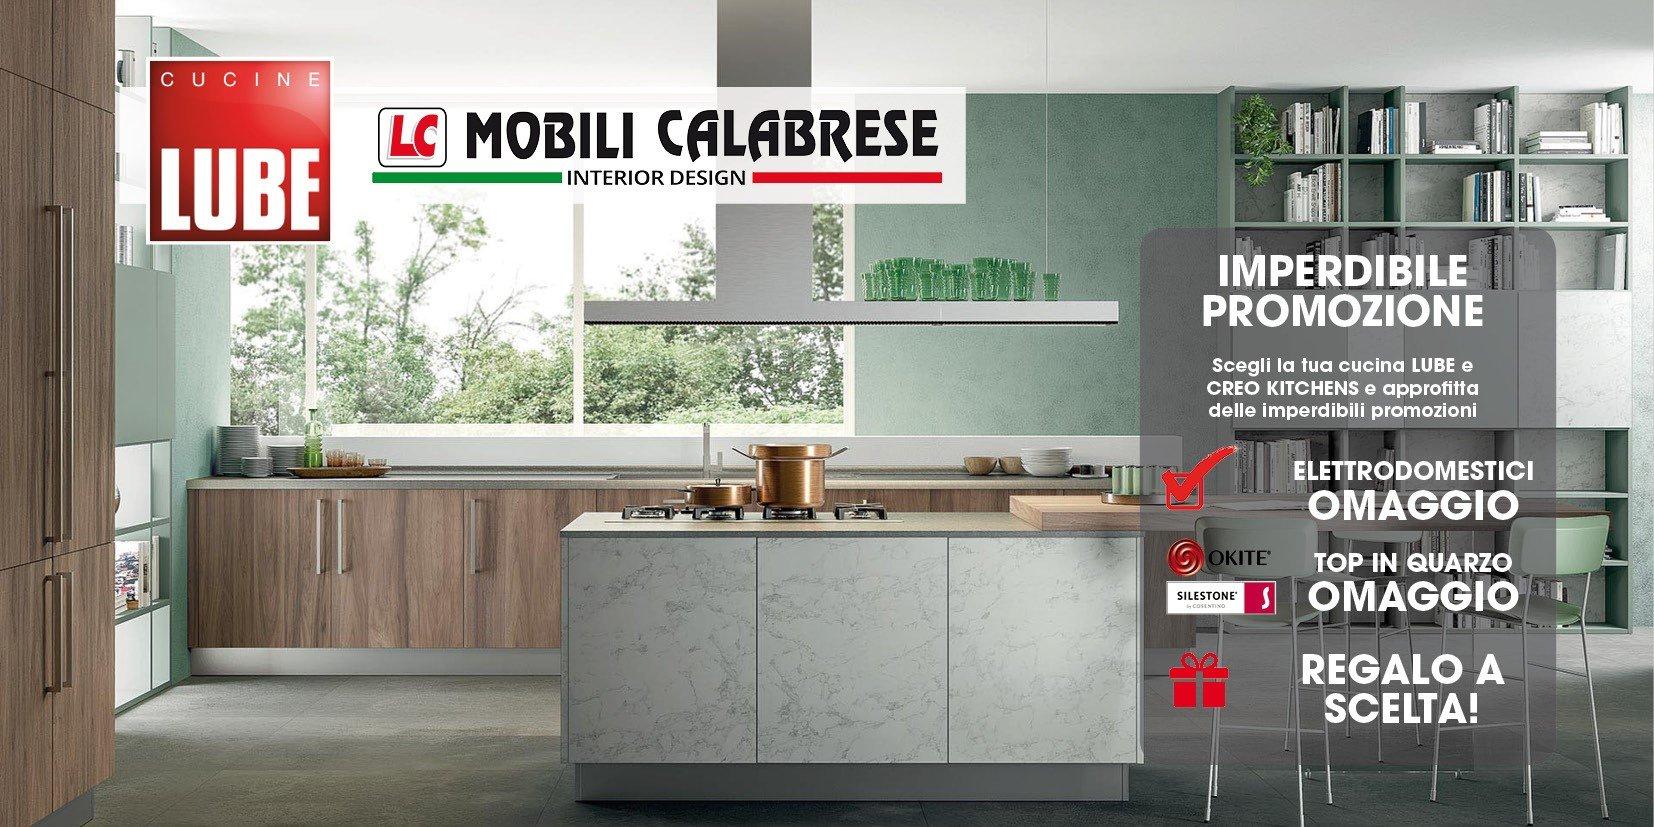 Vendita arredamenti e mobili | Alatri , Frosinone | Mobili ...